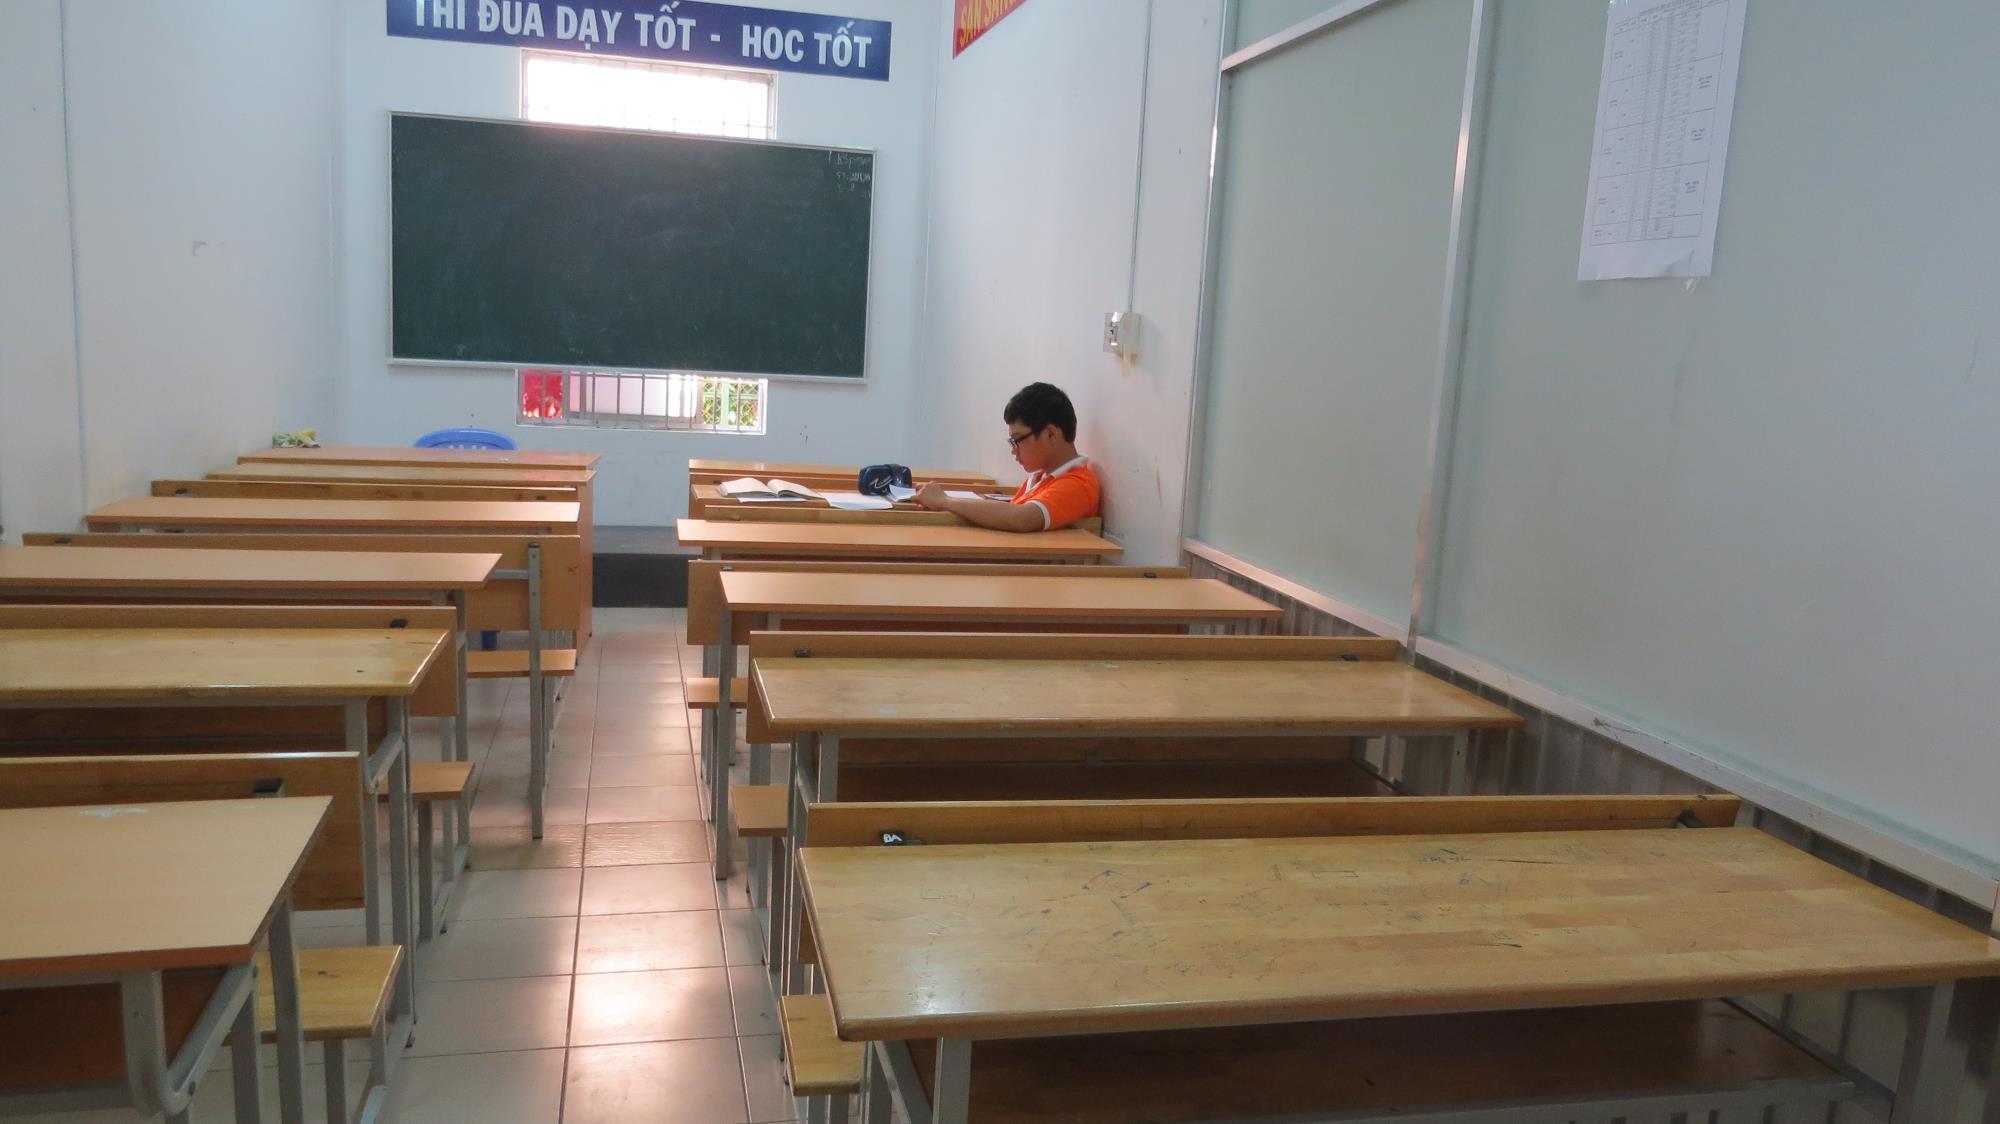 Ghé thăm ngôi trường kỳ lạ nhất Việt Nam: Mẹ rơi nước mắt khi thấy con thay đổi hoàn toàn - Ảnh 1